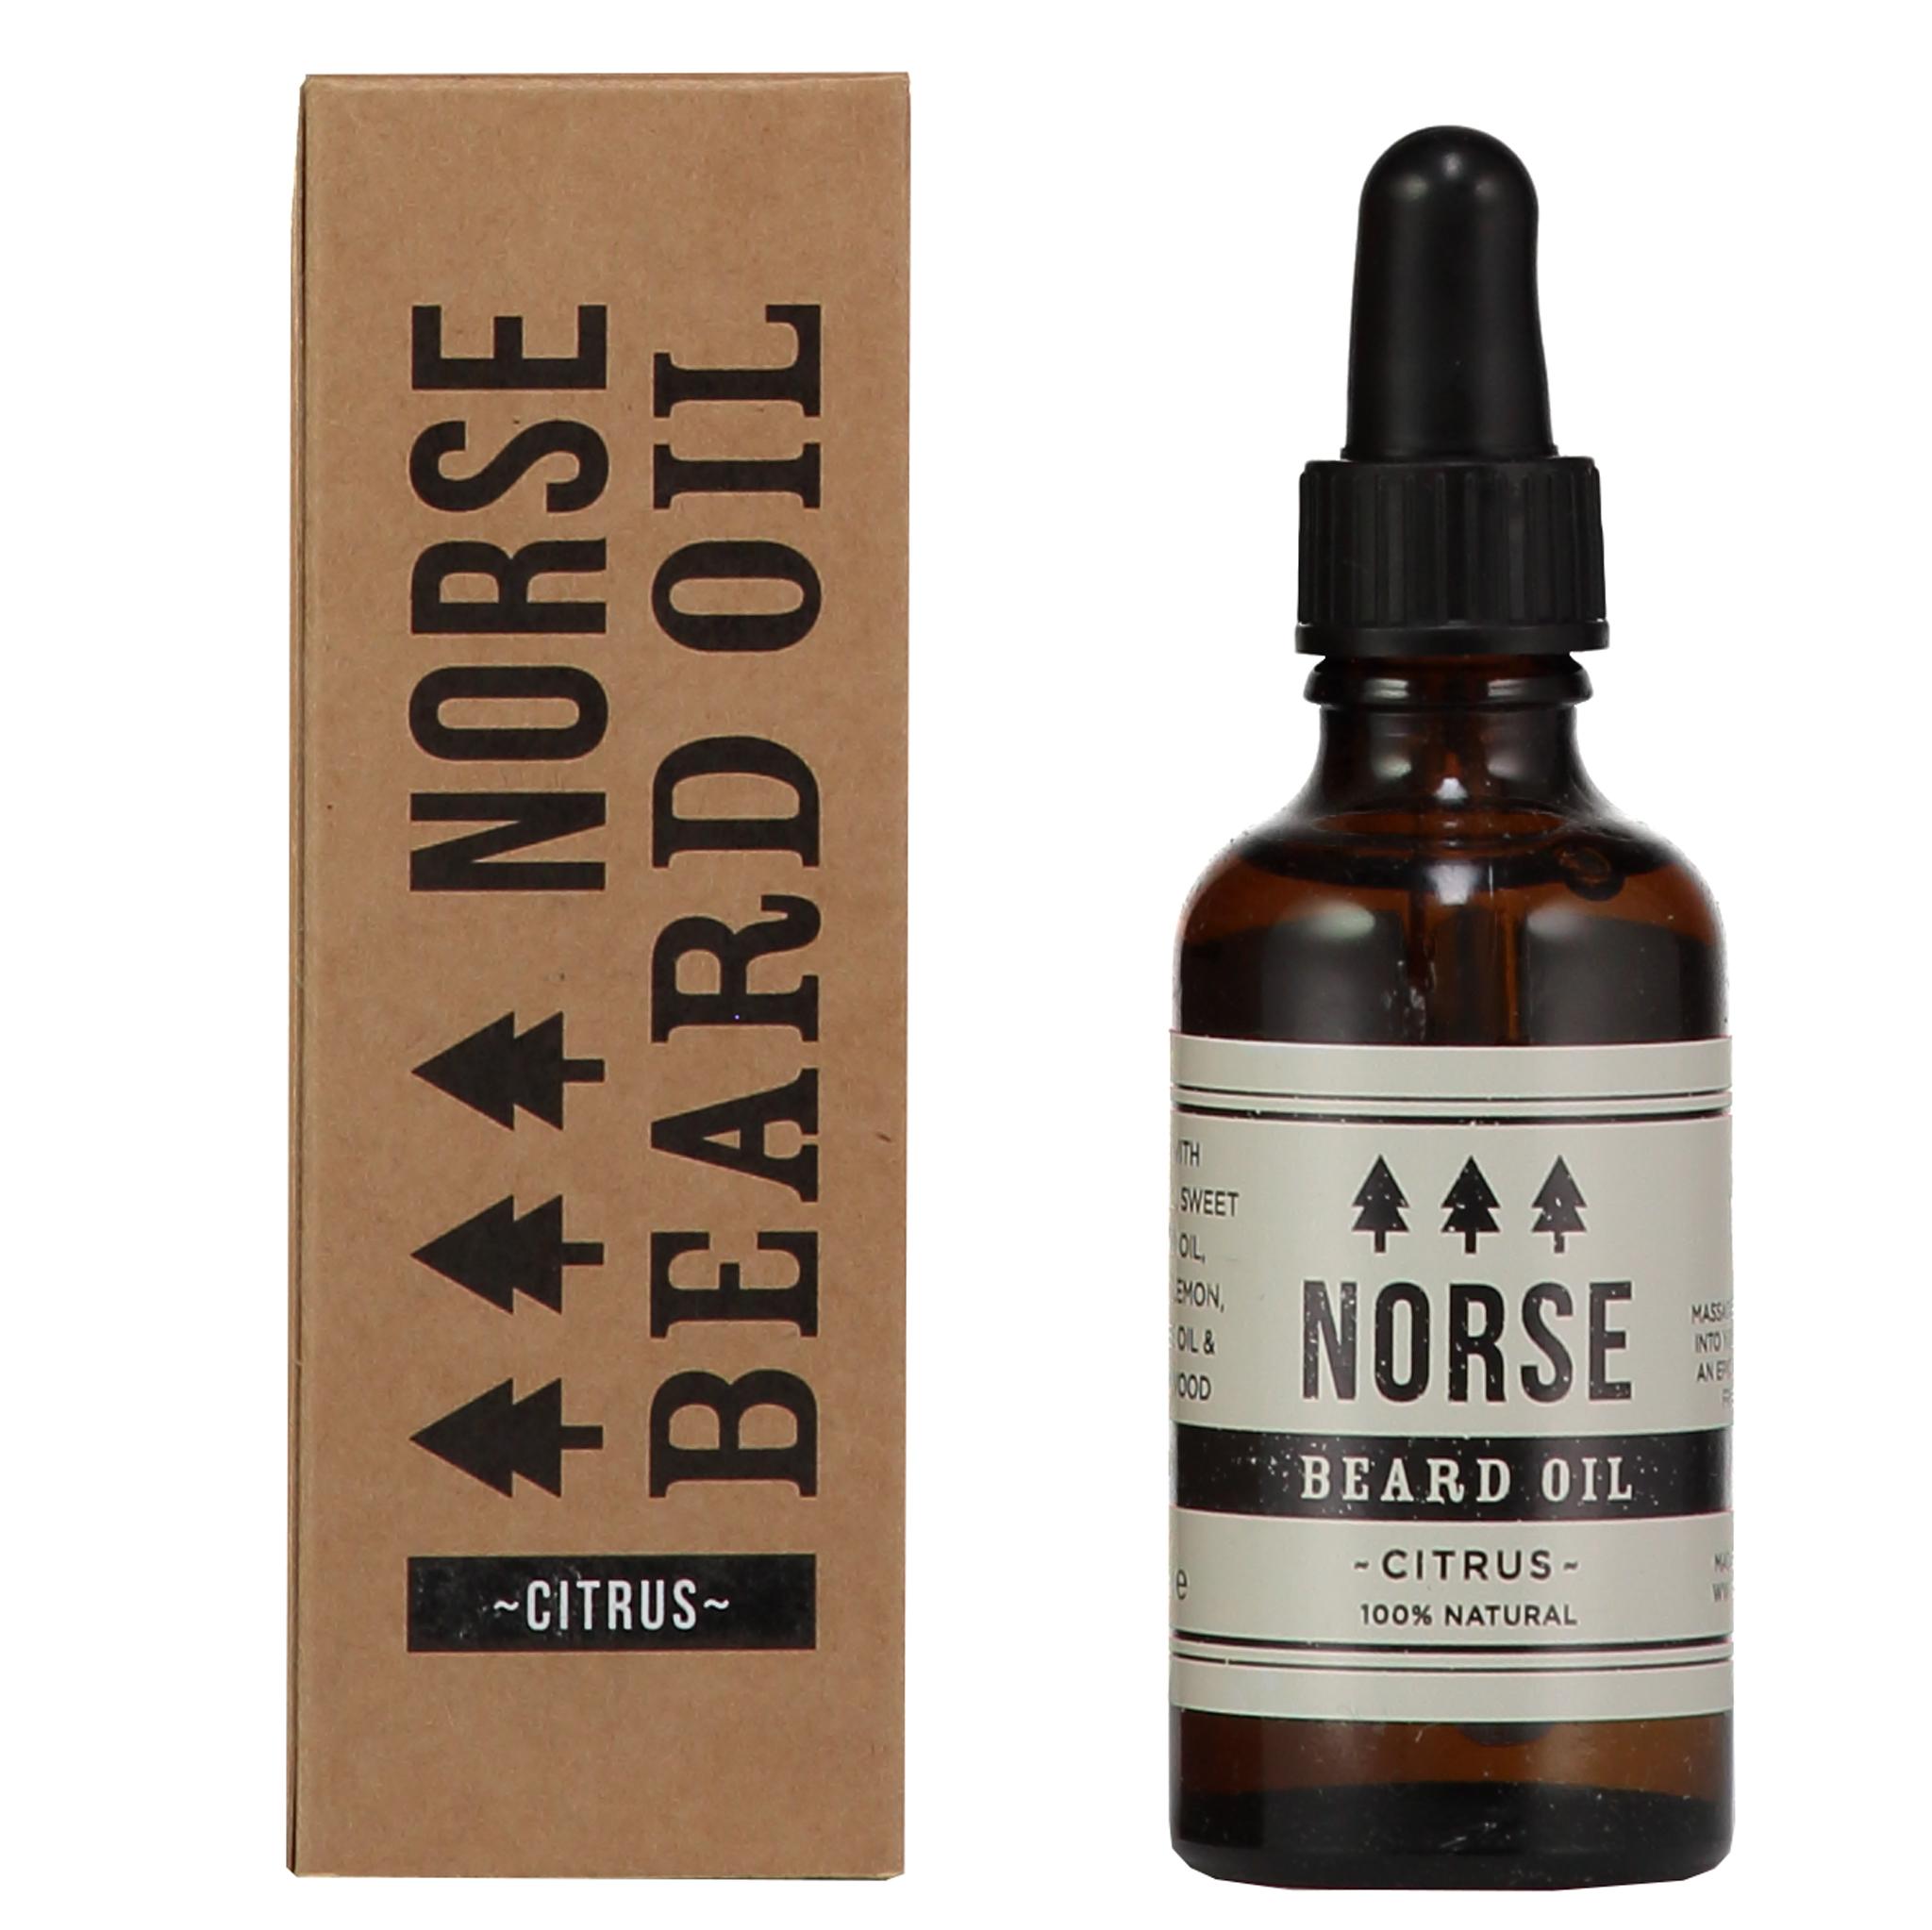 Norse beard oil citrus